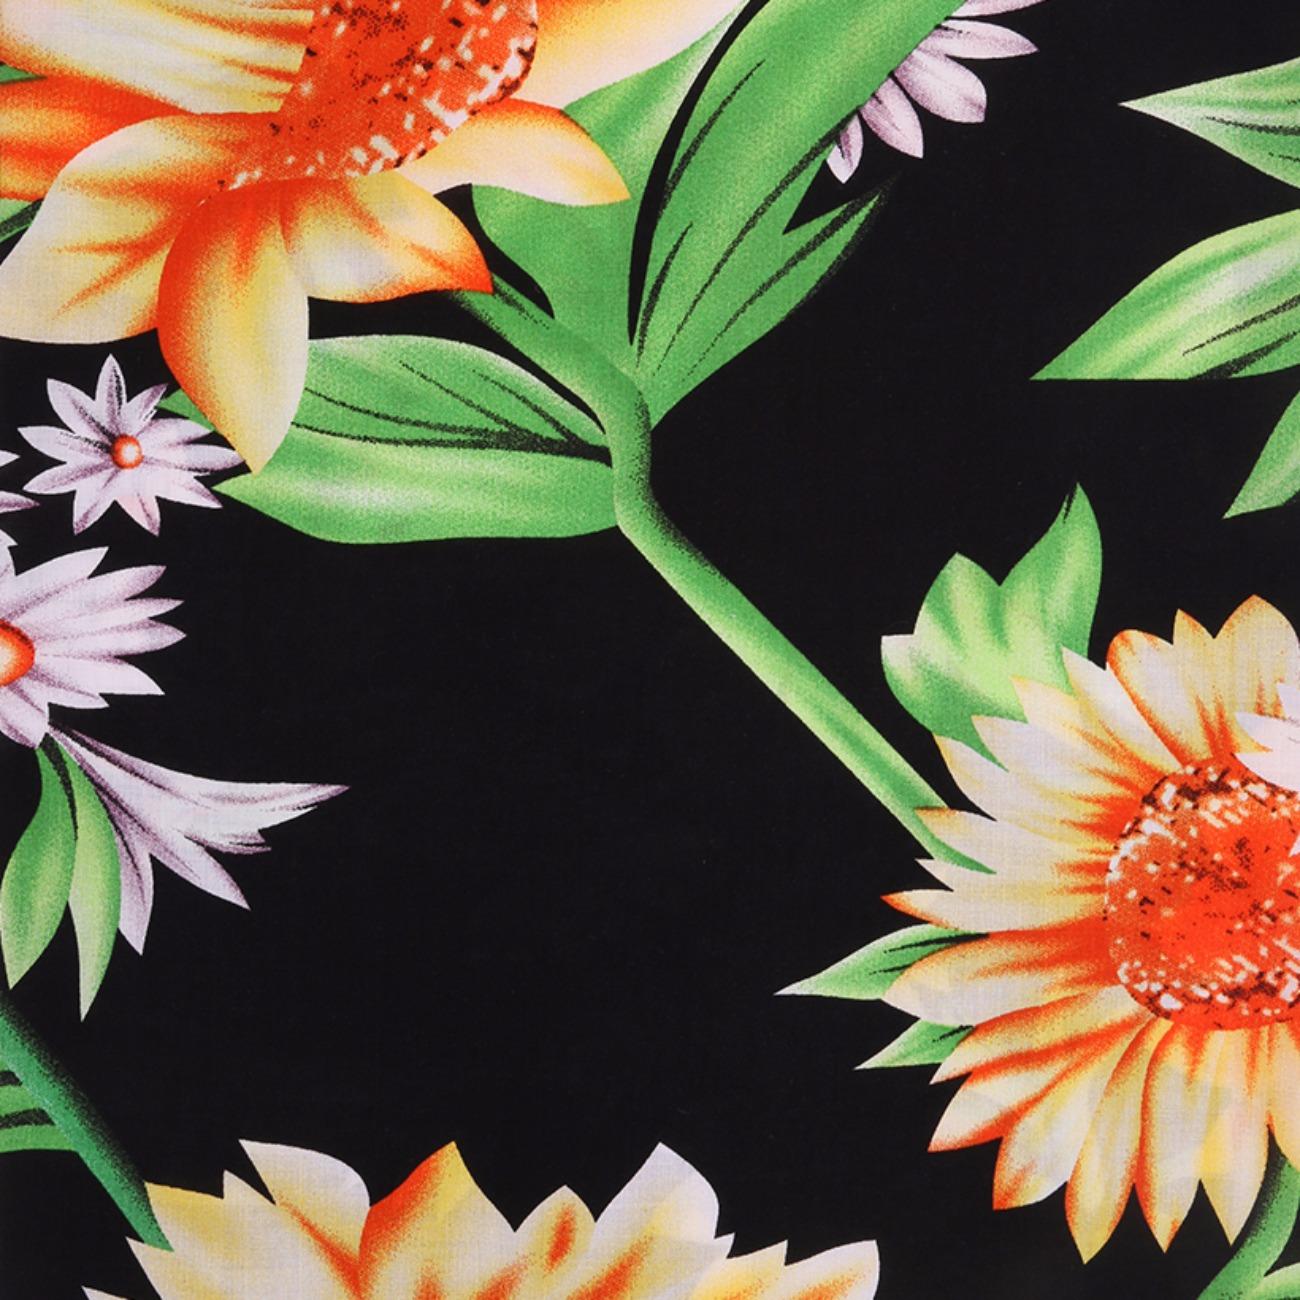 人棉期货花朵梭织印花无弹衬衫连衣裙 短裙 薄 棉感 70522-65